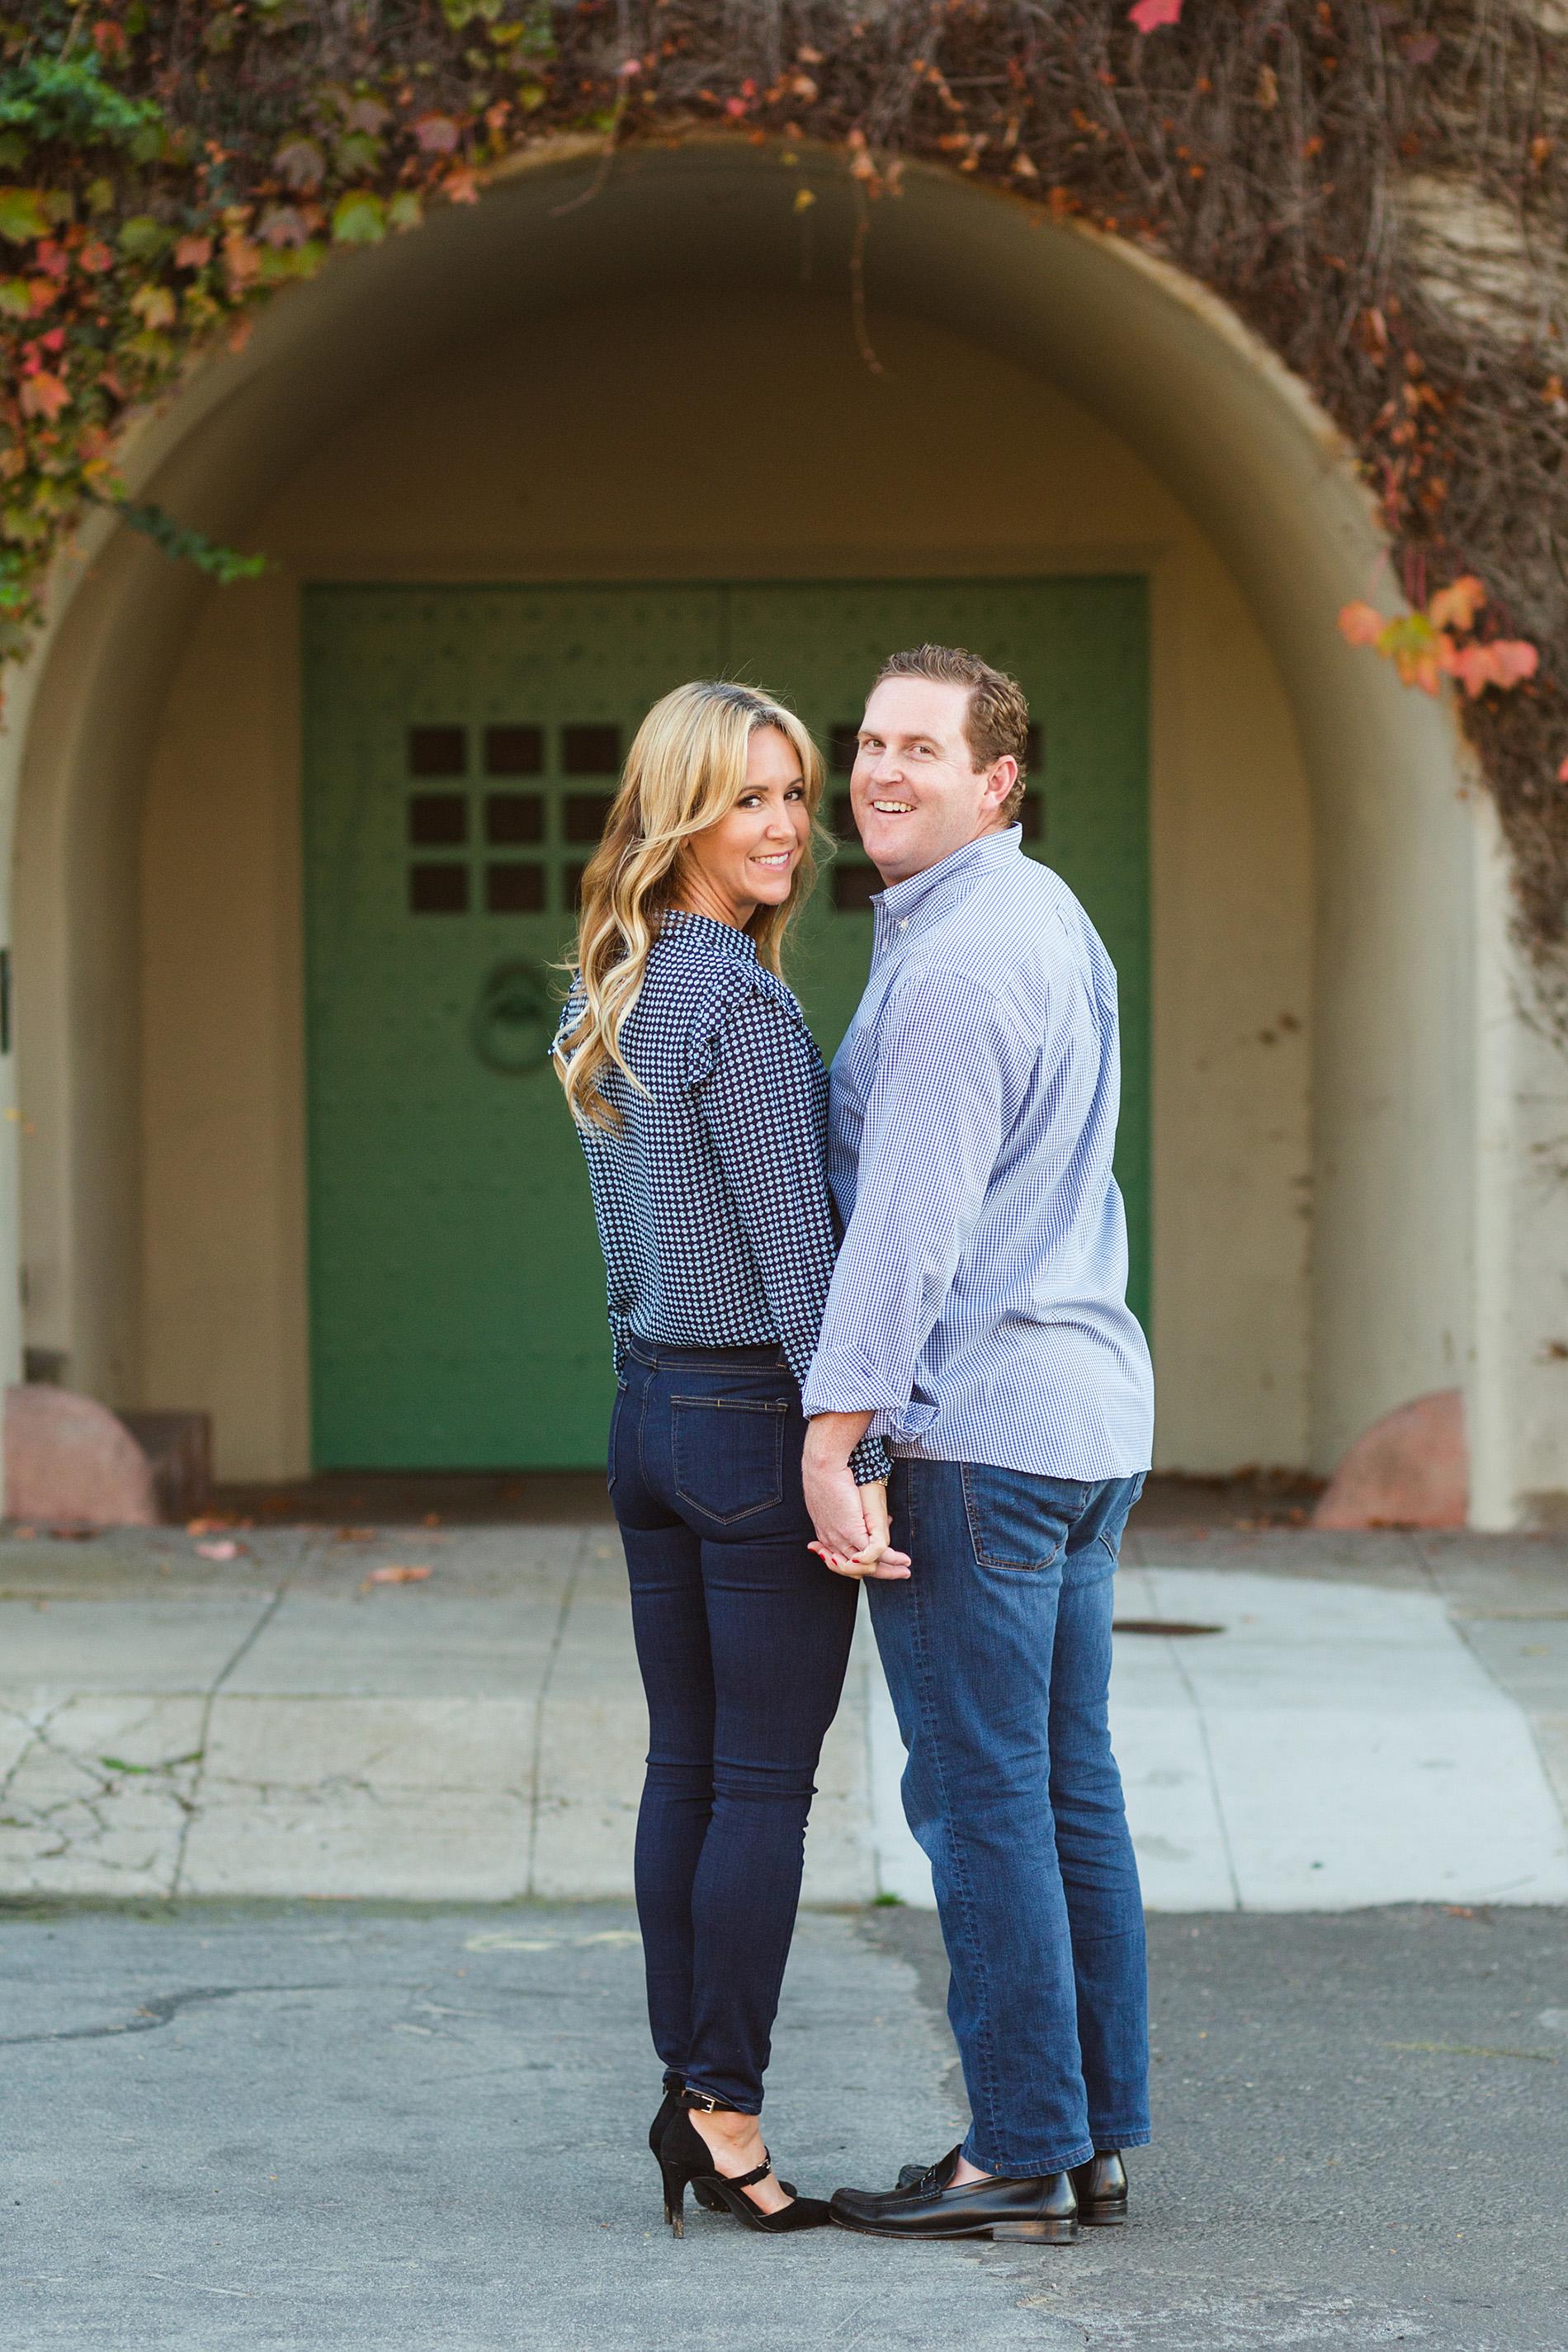 San Diego Family Photographer Christine Dammann Photography Holiday Photos.SFWS49.jpg